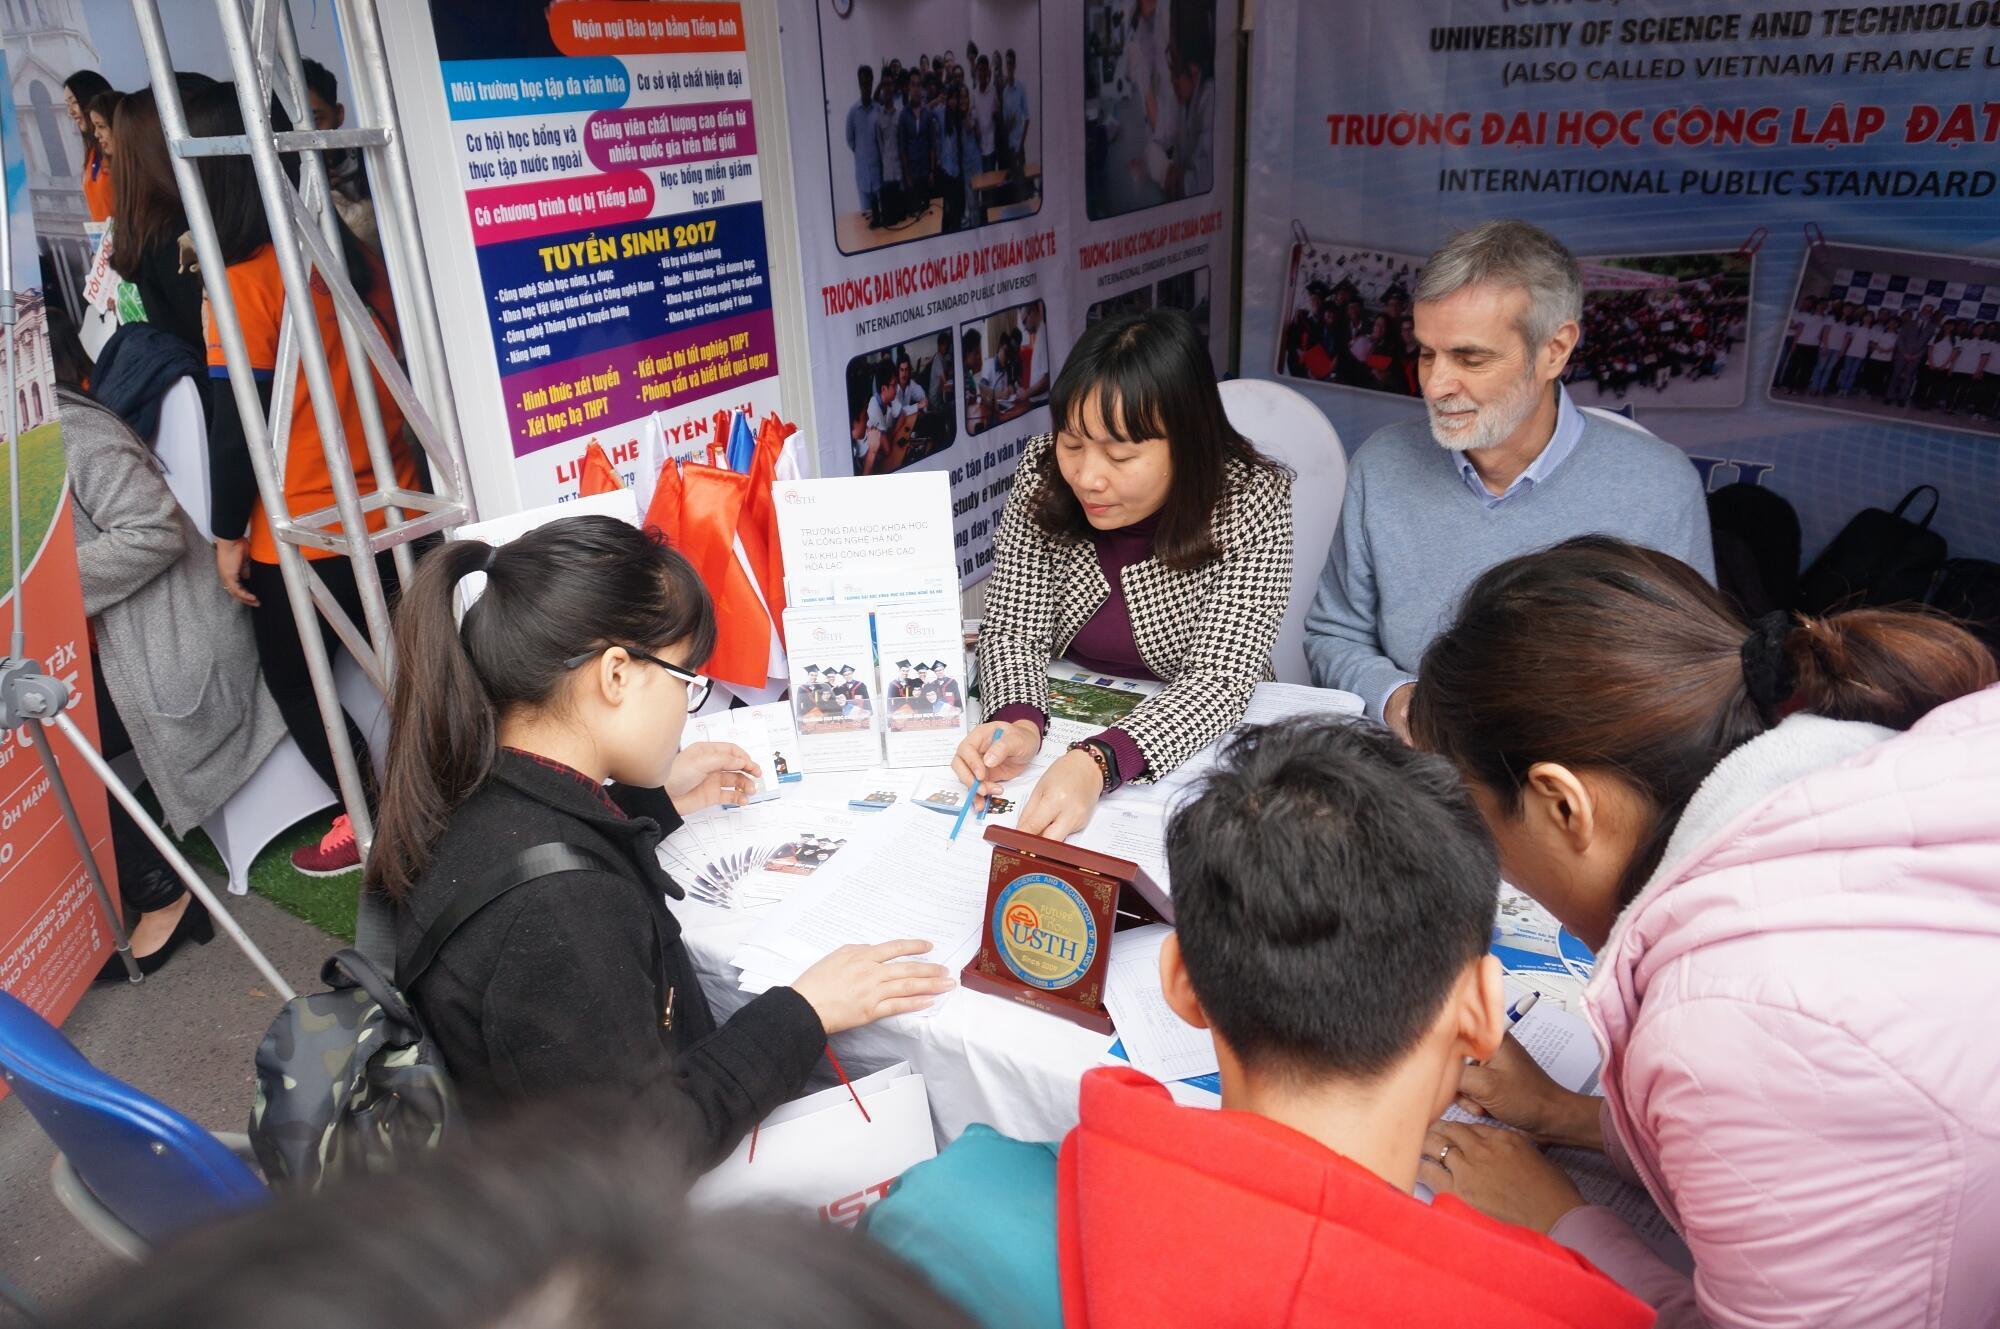 """G.S. Patrick Boiron, hiệu trưởng đại học USTH, giới thiệu về trường trong ngày giao lưu """"Open Day 2017"""", Hoàng Quốc Việt, Hà Nội."""